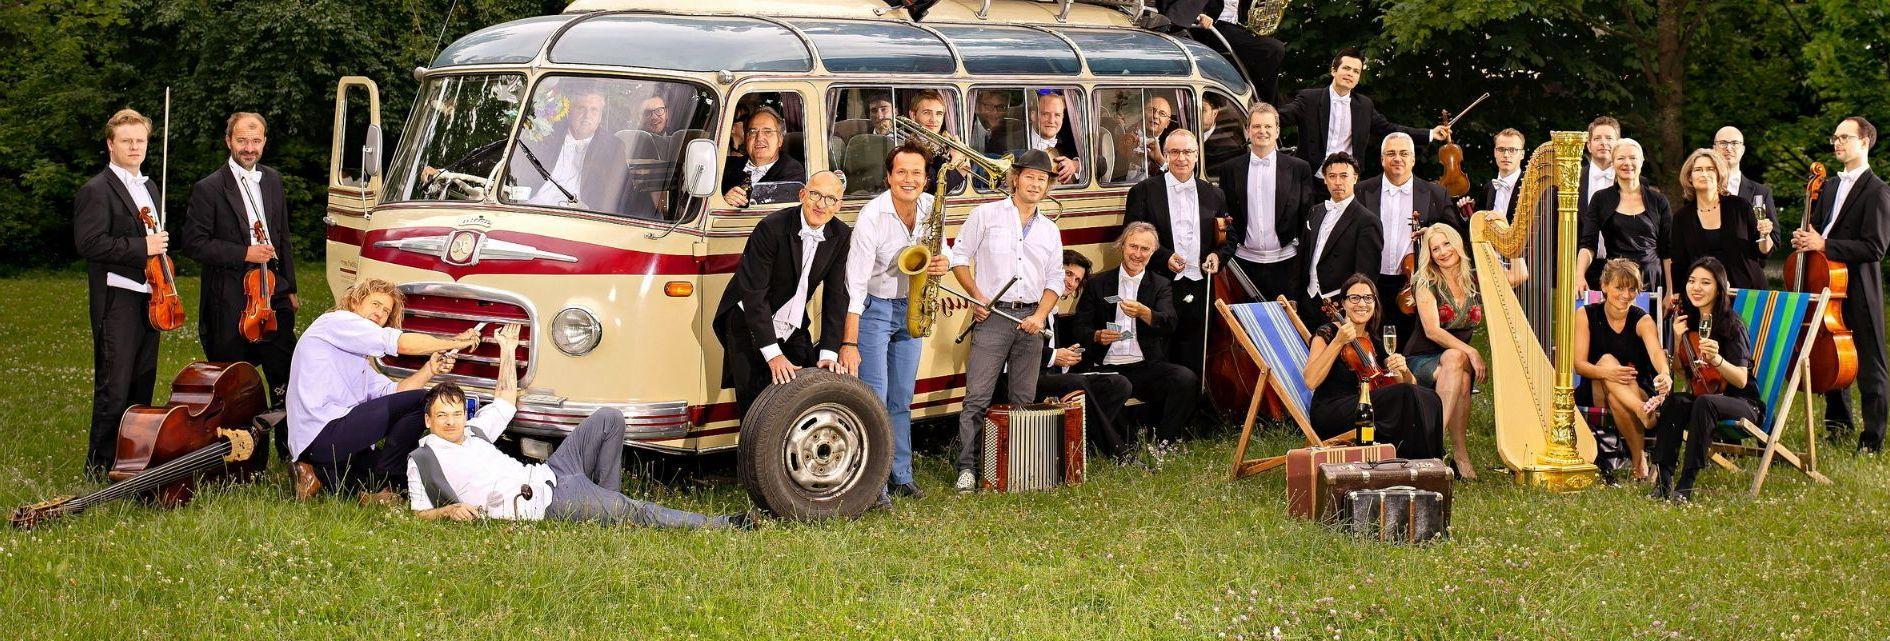 Quadro Nuevo & <br>Münchner Rundfunkorchester